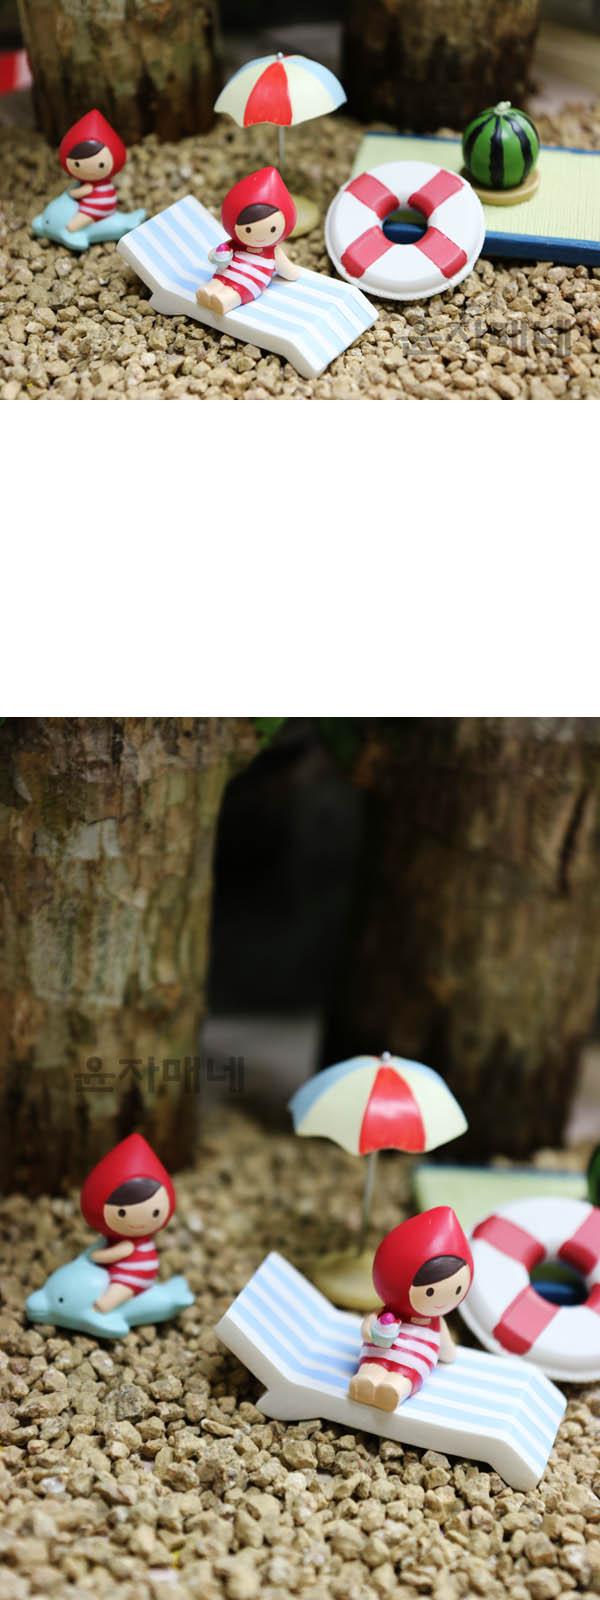 데꼴여름마스코트(6type)7,000원-윤자매네키덜트/취미, 피규어, 캐릭터 피규어, 데꼴바보사랑데꼴여름마스코트(6type)7,000원-윤자매네키덜트/취미, 피규어, 캐릭터 피규어, 데꼴바보사랑